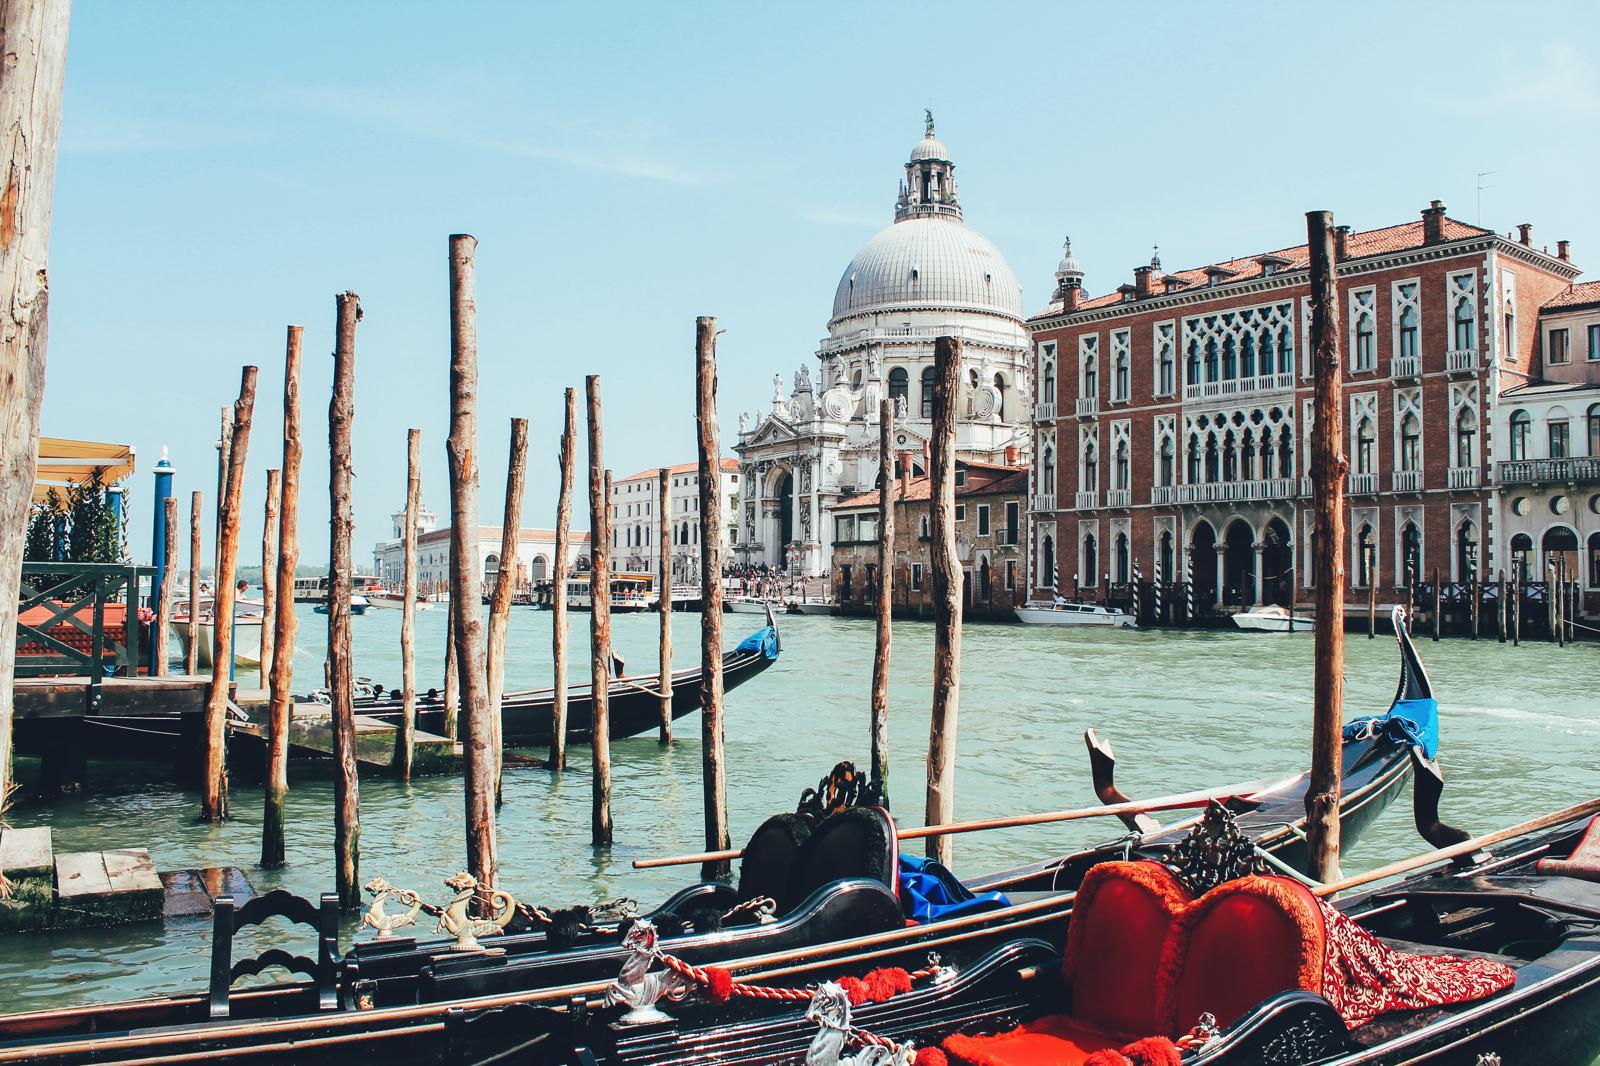 Venice - A Photo Diary. Italy, Europe (26)